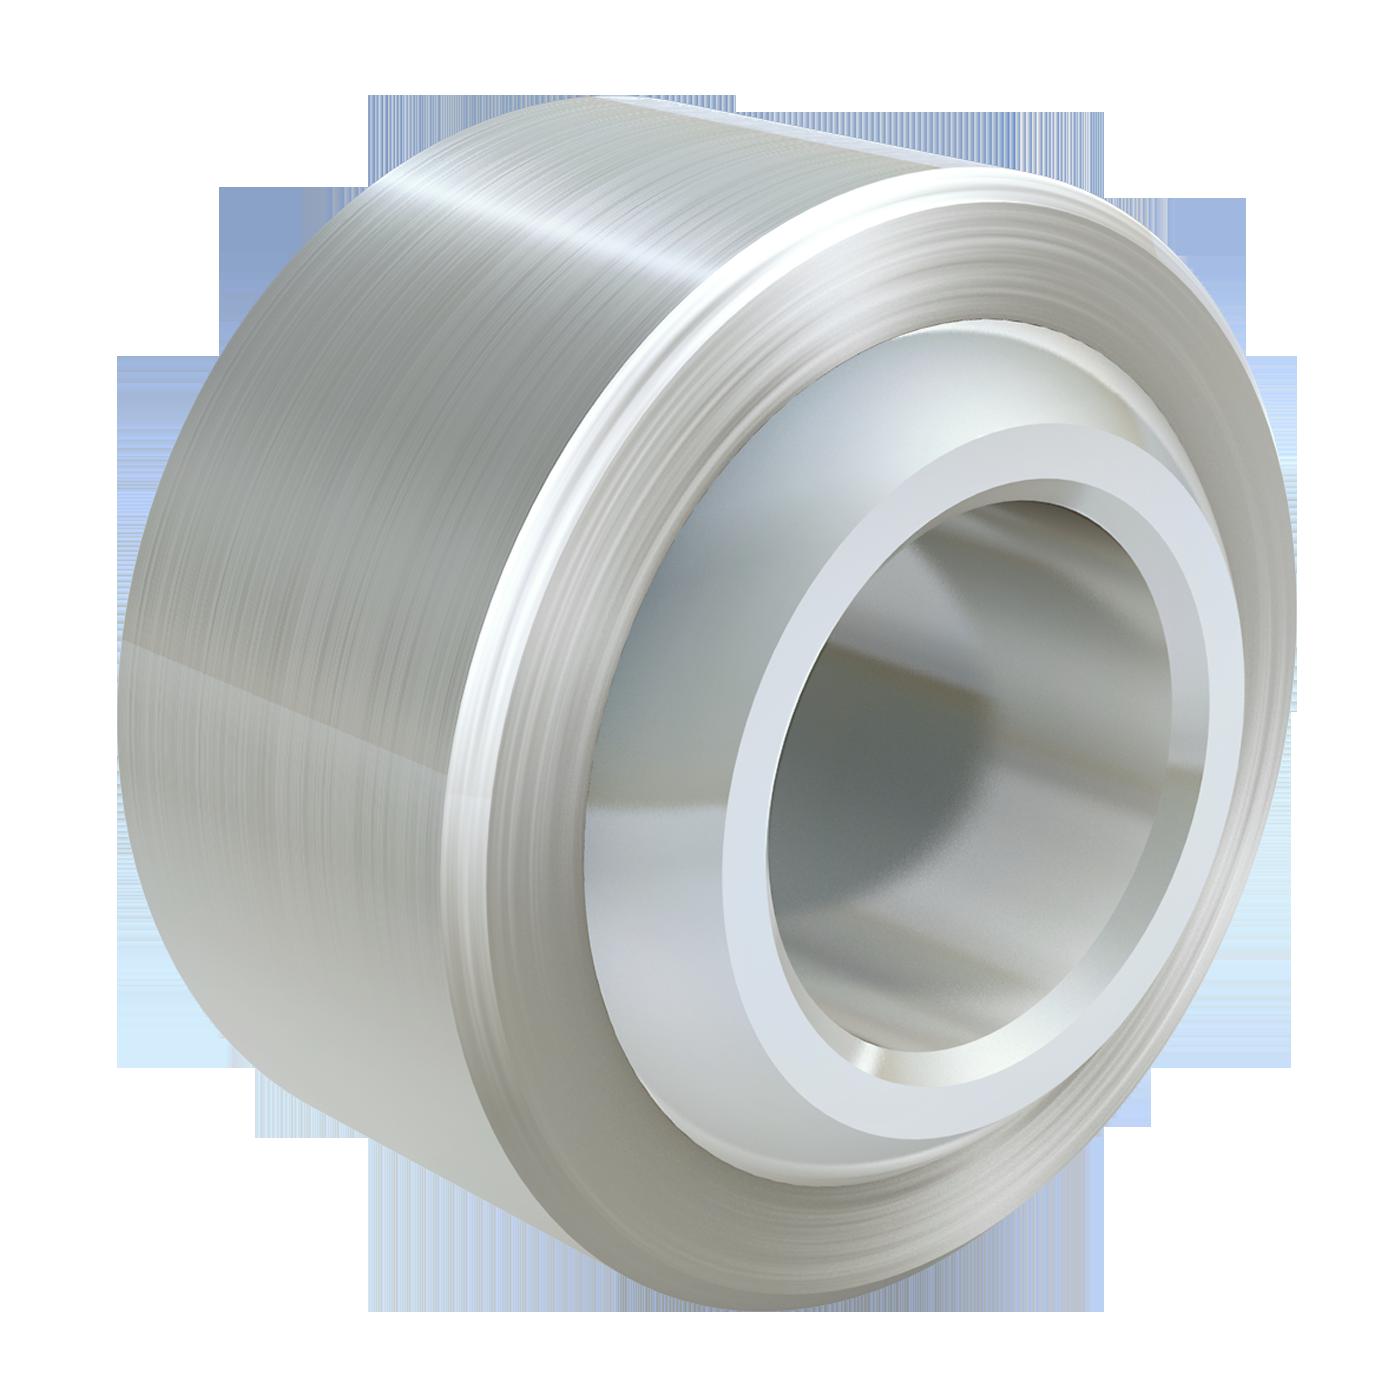 Gelenklager, DIN 12240-1 (DIN 648), Maßreihe K, hat mbo Oßwald ergänzend im Standard-Gelenkkopf Programm. Diese Ausführung ist in Edelstahl, wartungsfrei und wird ohne Außenring geliefert.